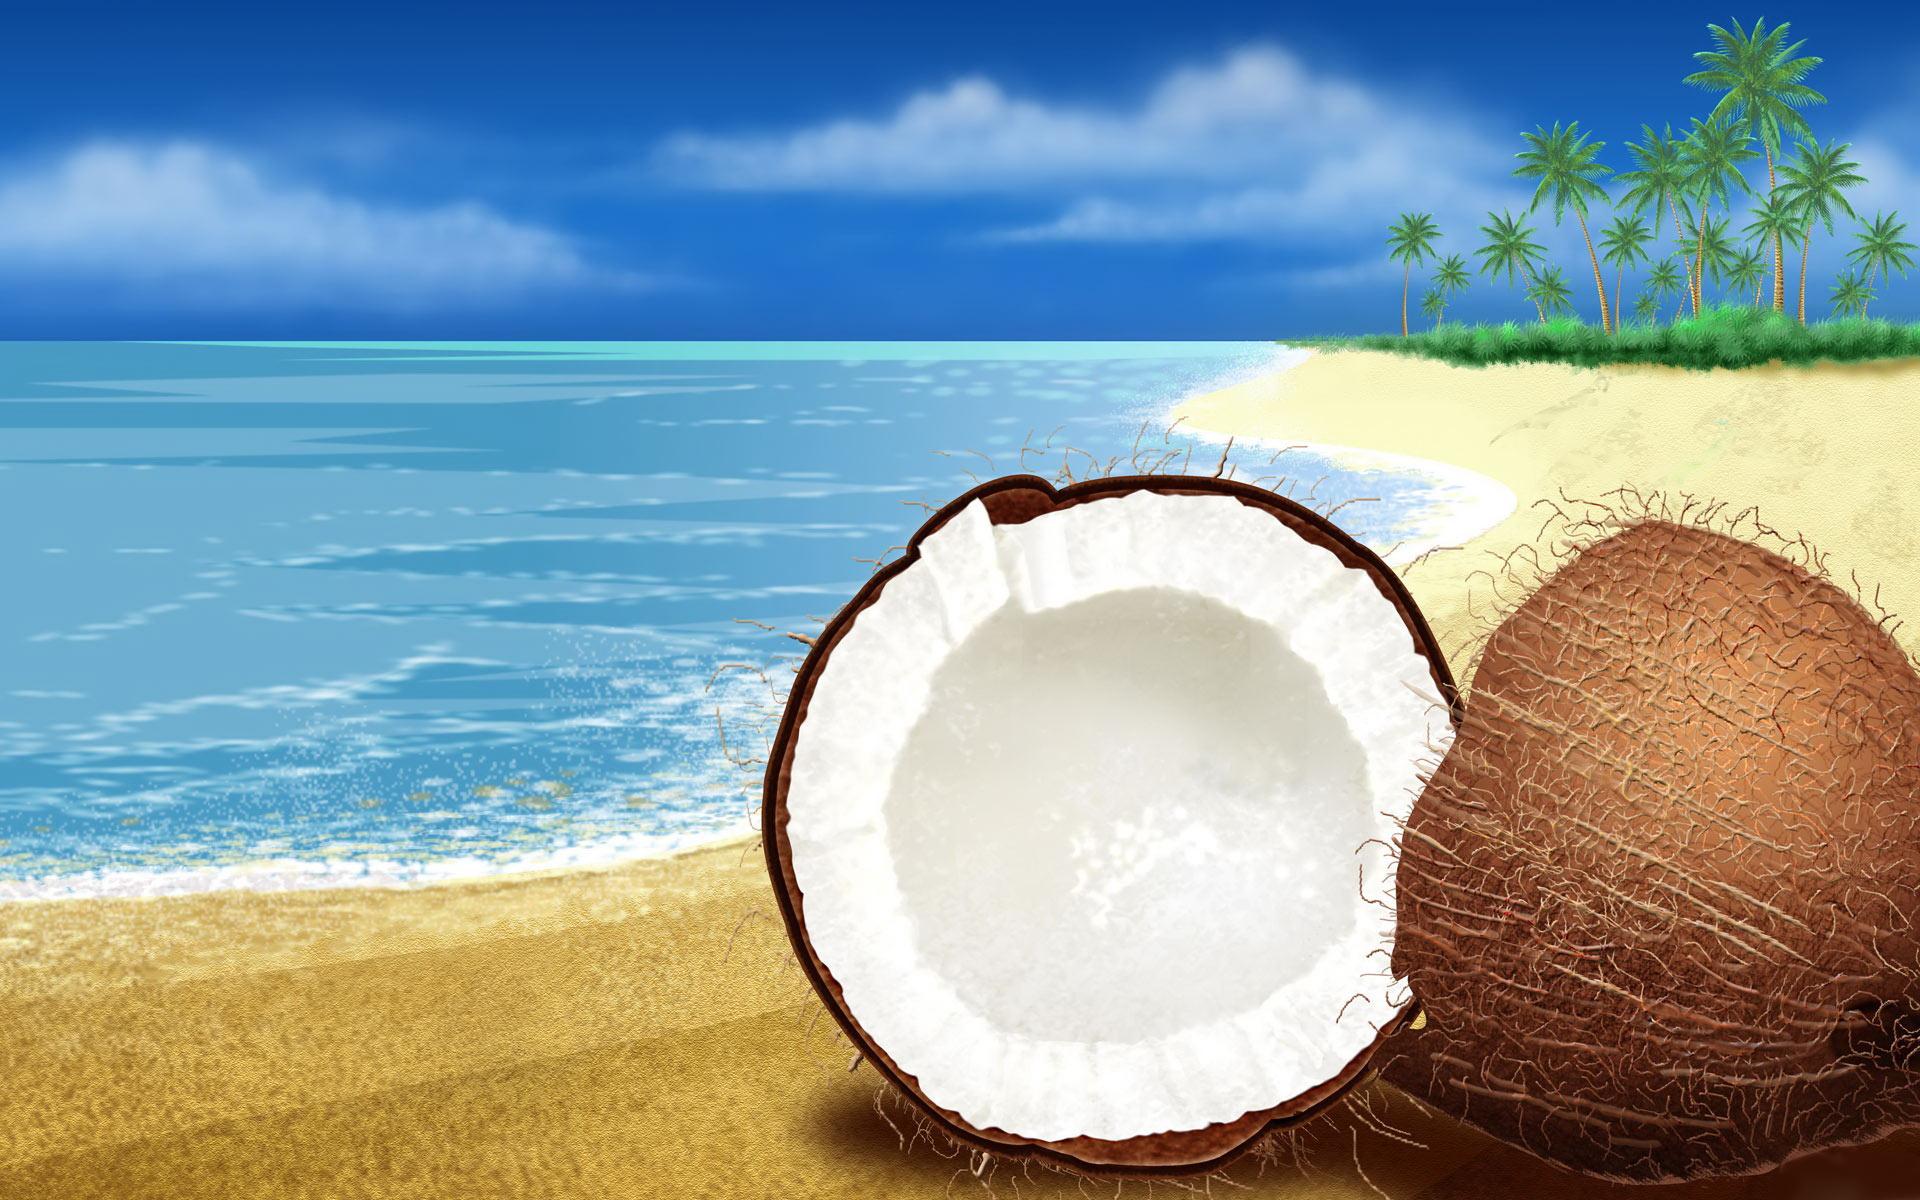 кокосовый орех на пляже, скачать фото, песок, пляж, beach wallpaper, coconut